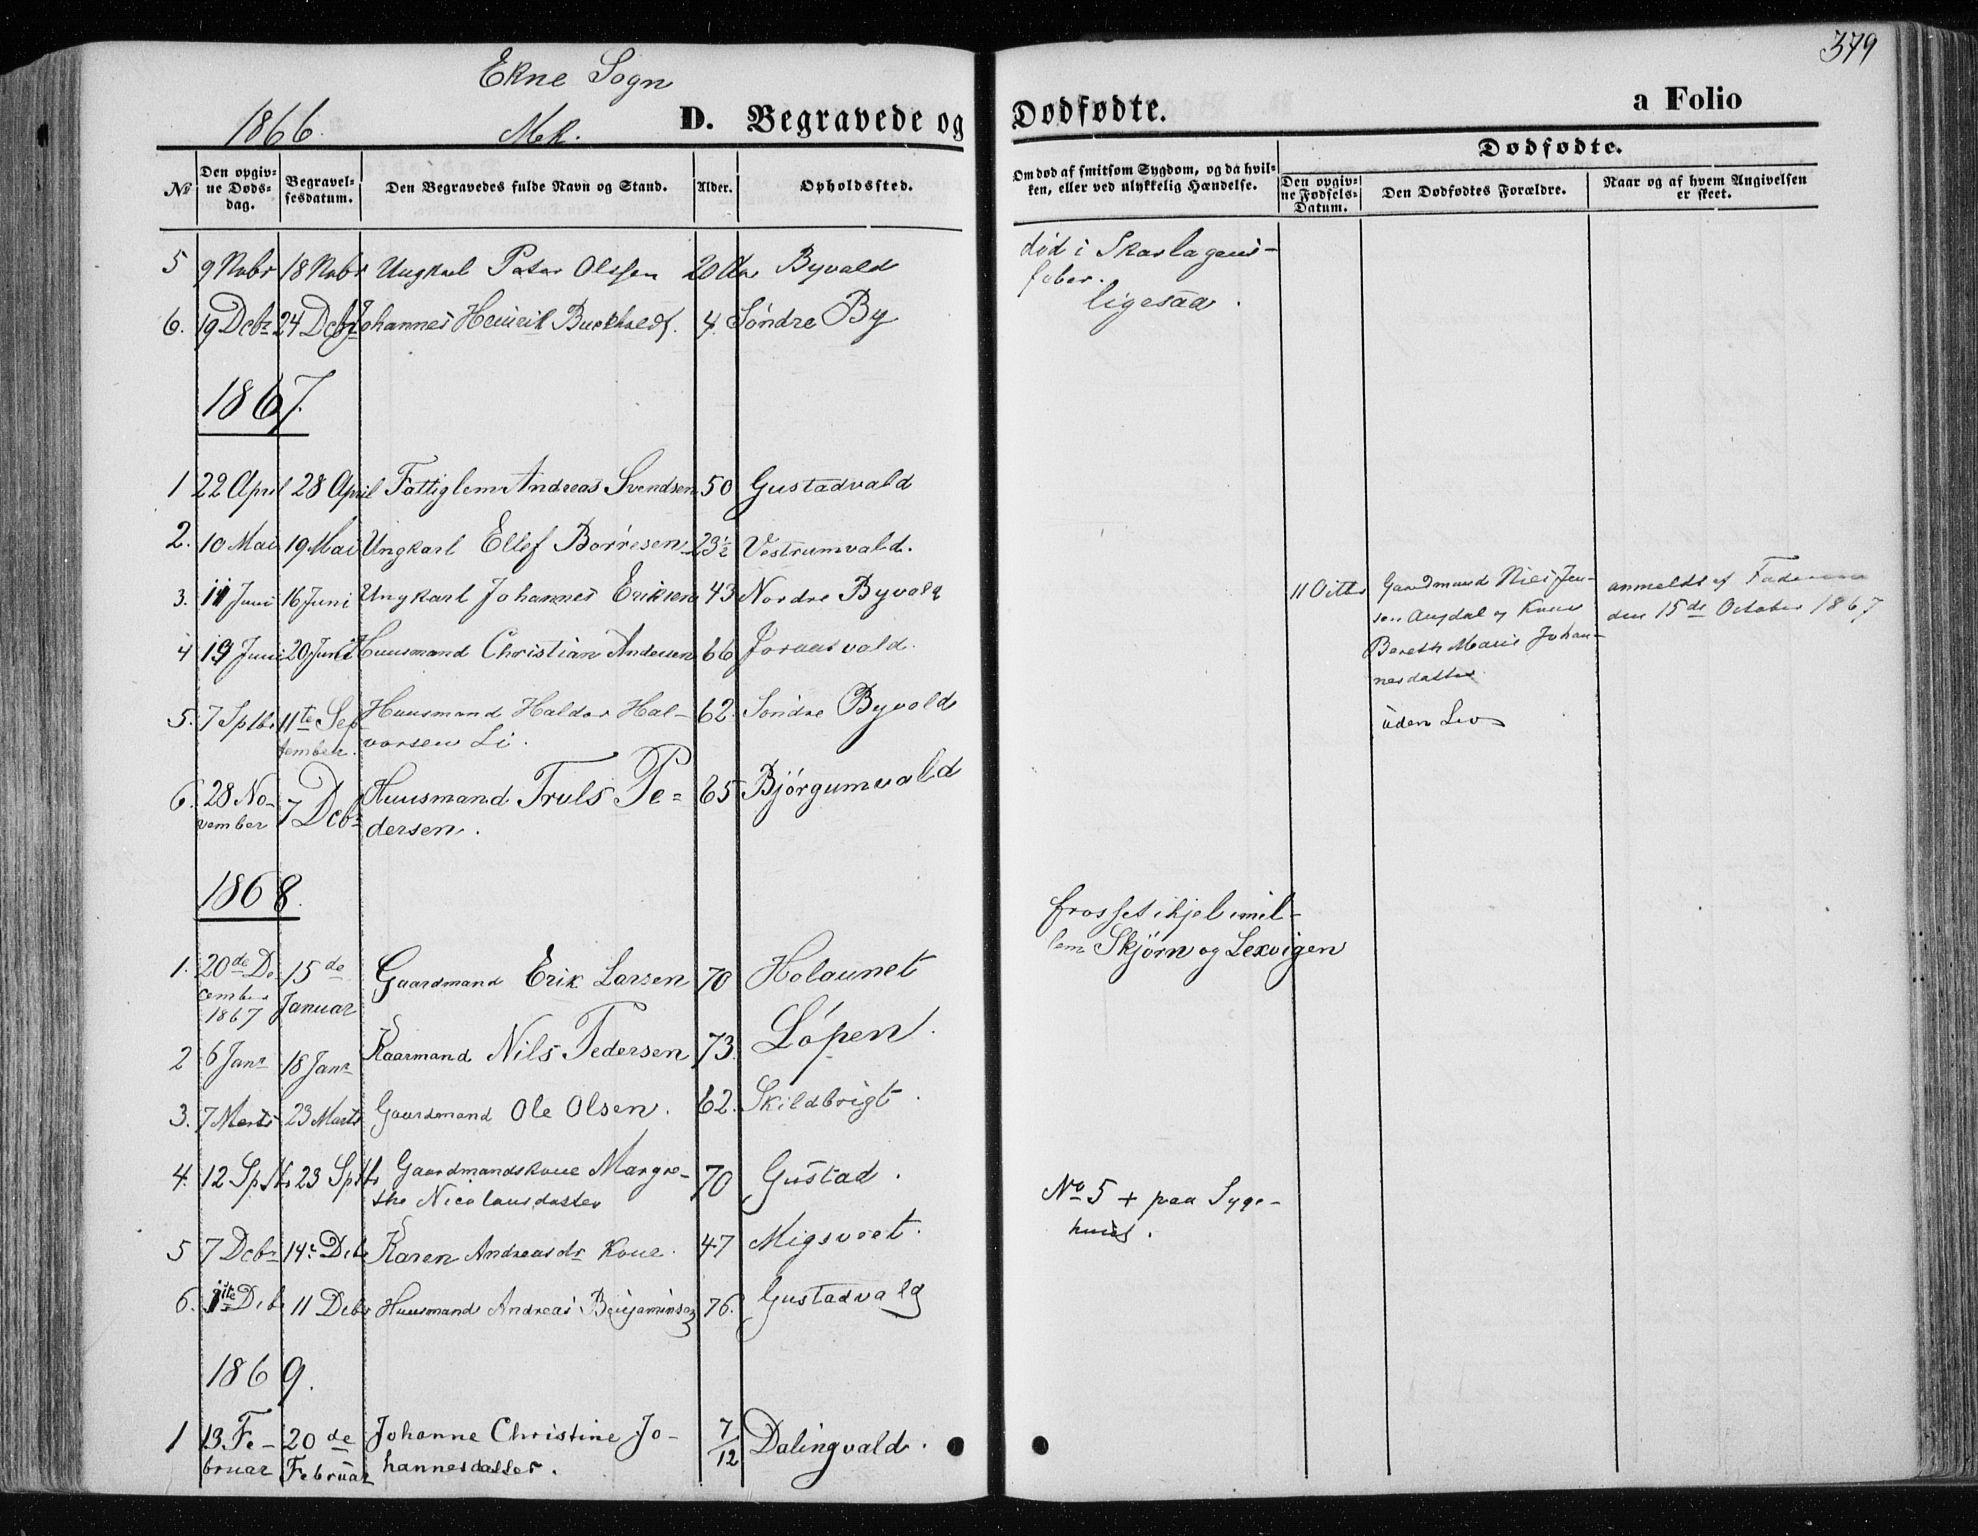 SAT, Ministerialprotokoller, klokkerbøker og fødselsregistre - Nord-Trøndelag, 717/L0158: Ministerialbok nr. 717A08 /2, 1863-1877, s. 379